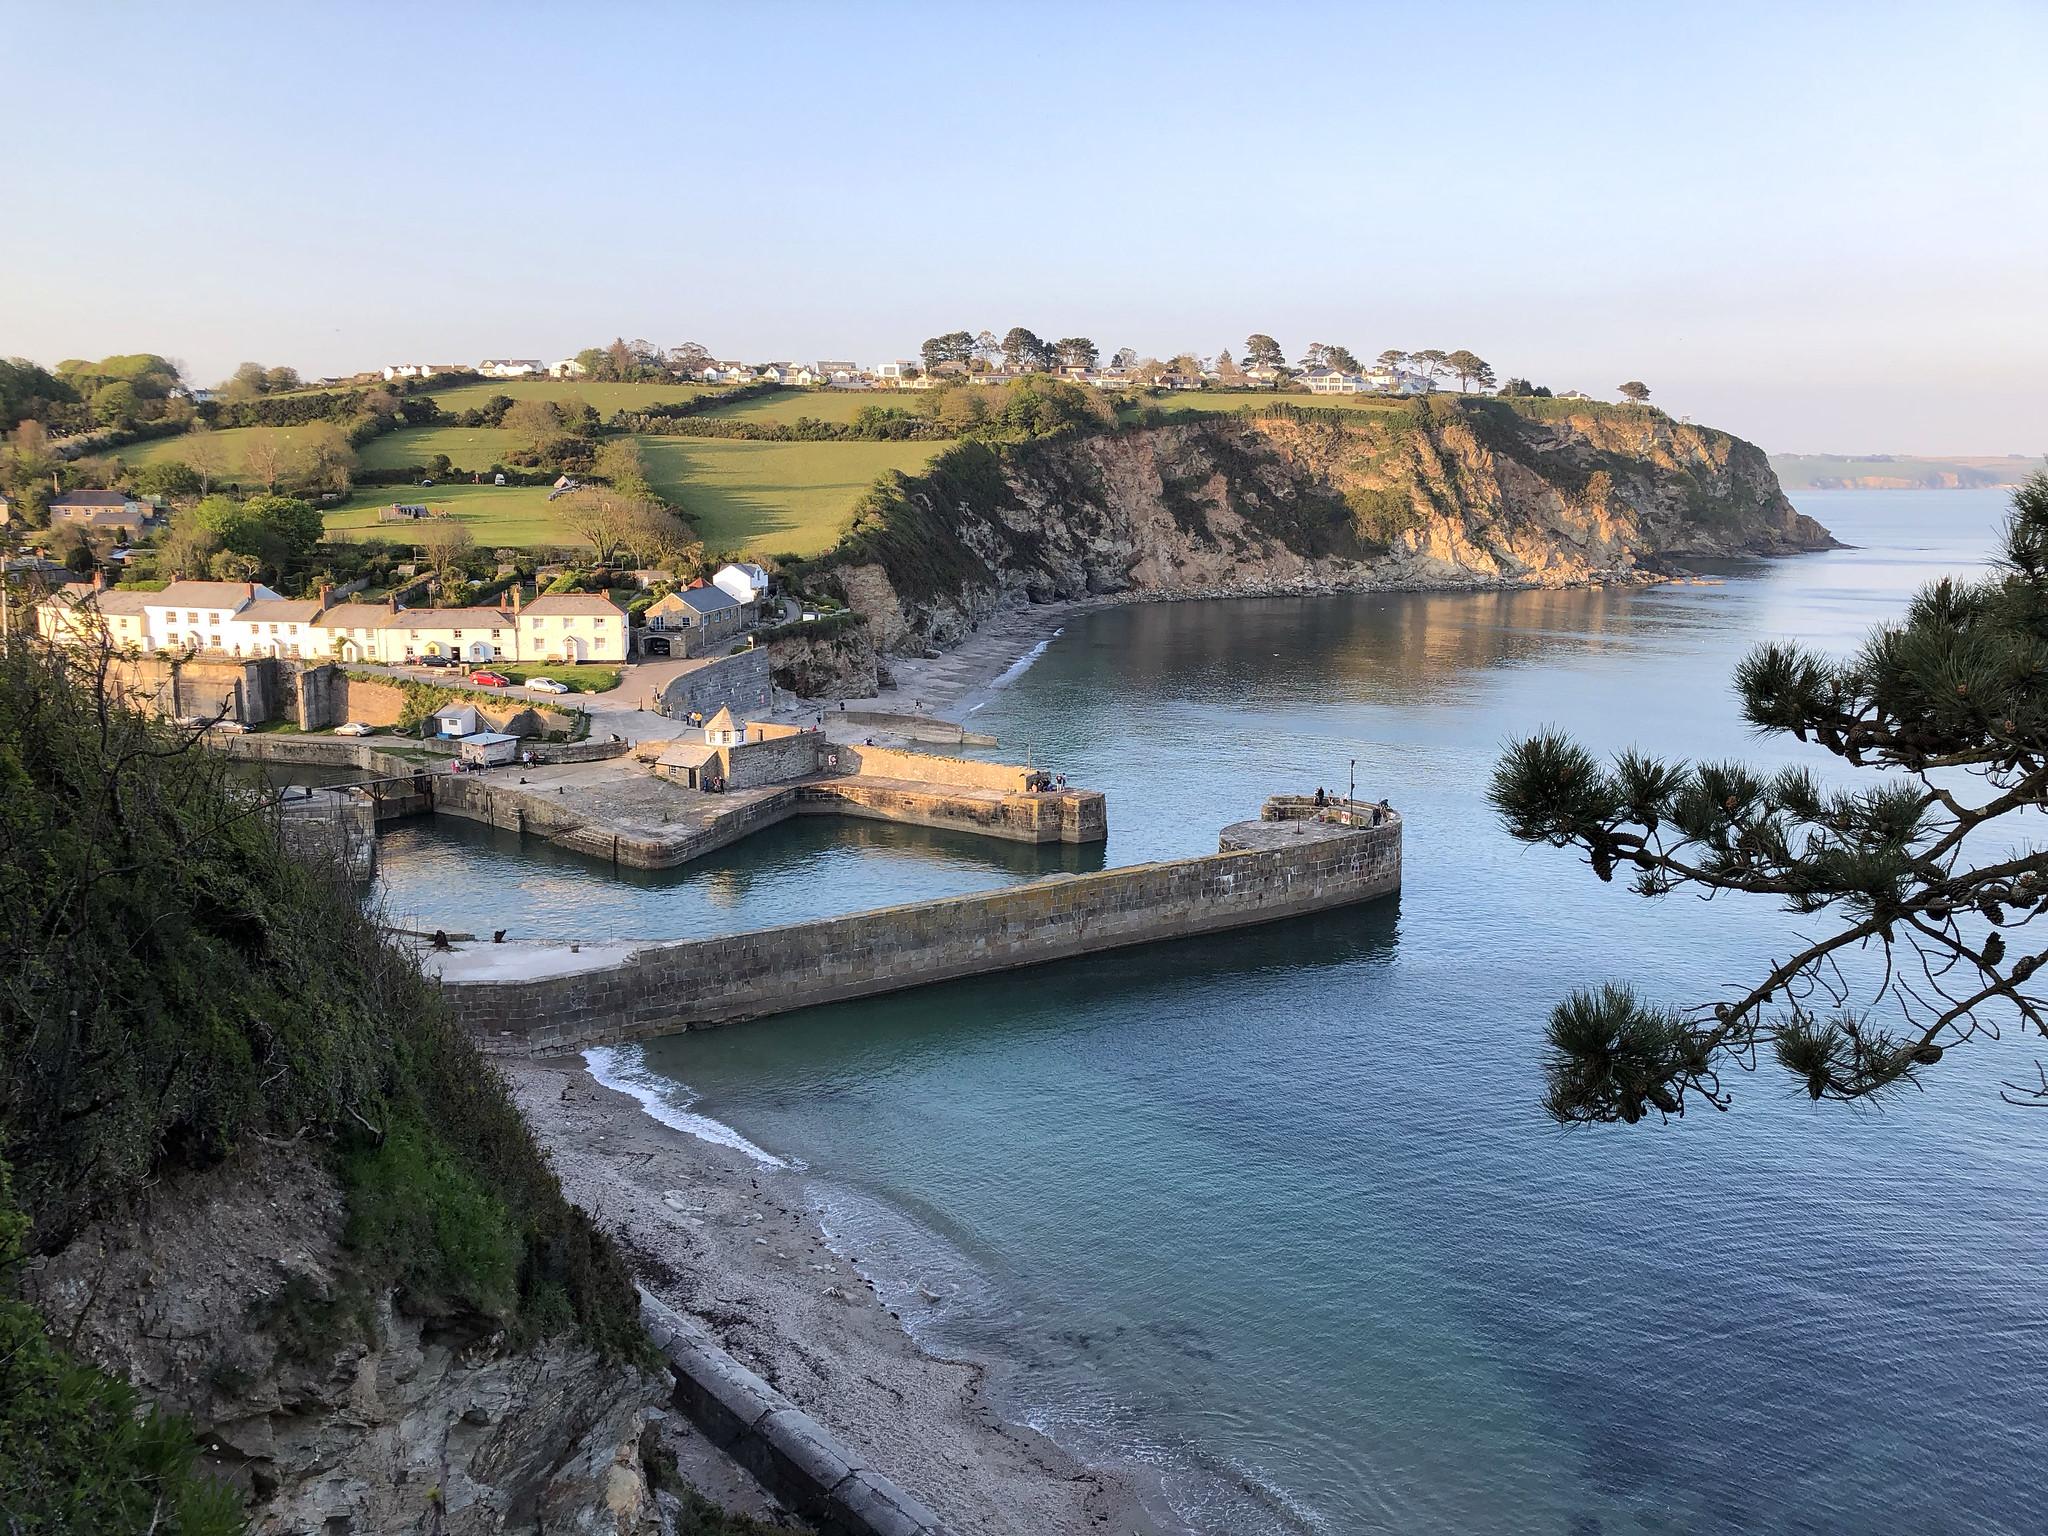 Qué ver en Cornwall, Cornualles - thewotme qué ver en cornwall - 48837759493 2ec48ee5e7 k - Qué ver en Cornwall: ruta de 3 días